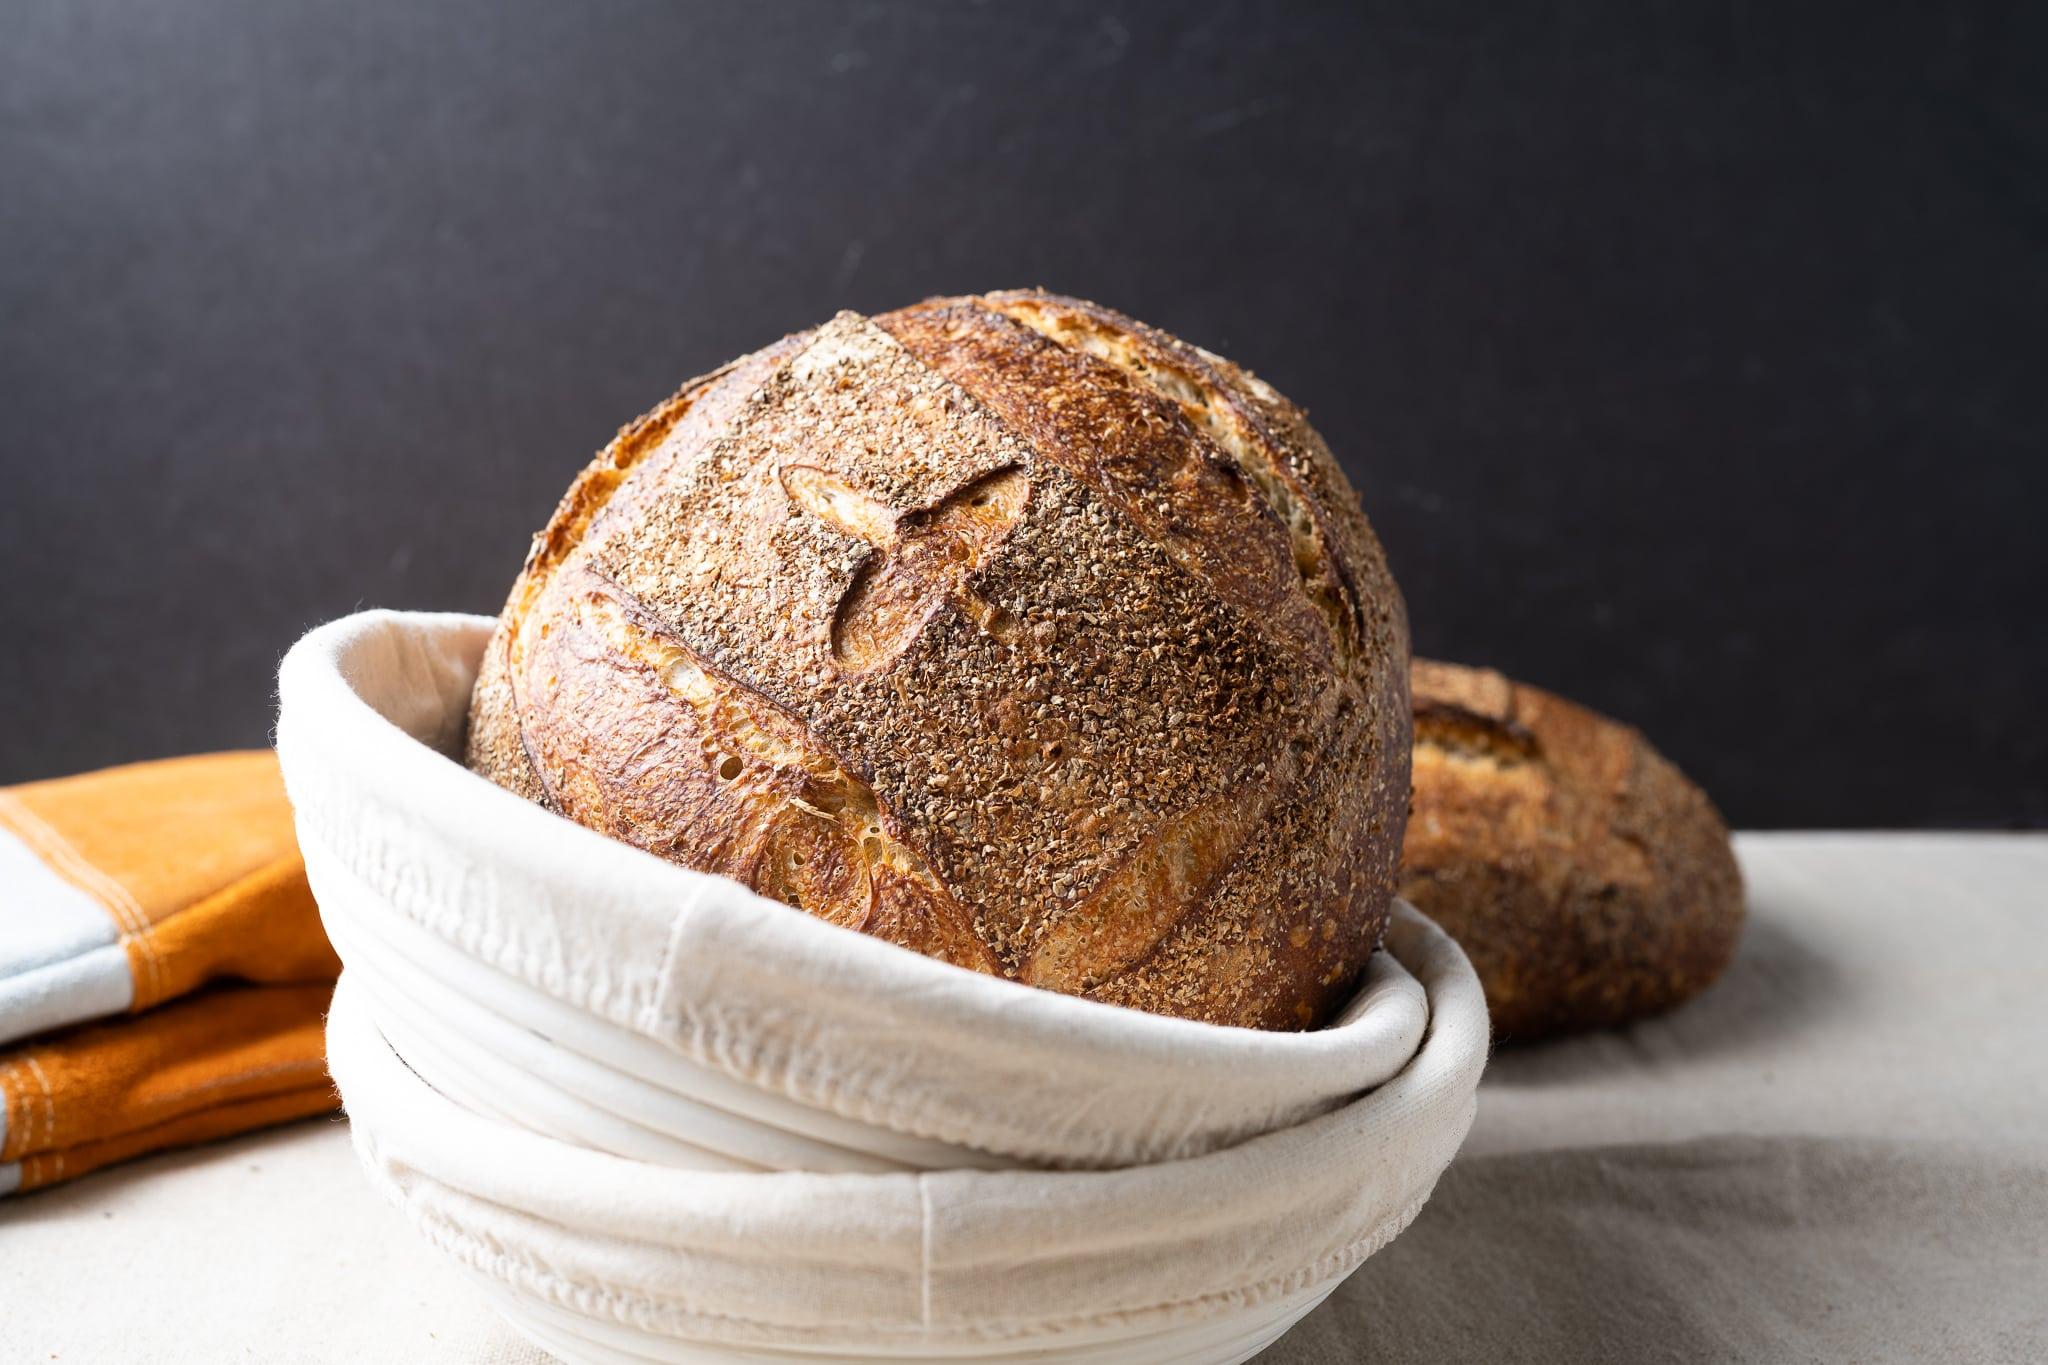 No-knead sourdough bread recipe